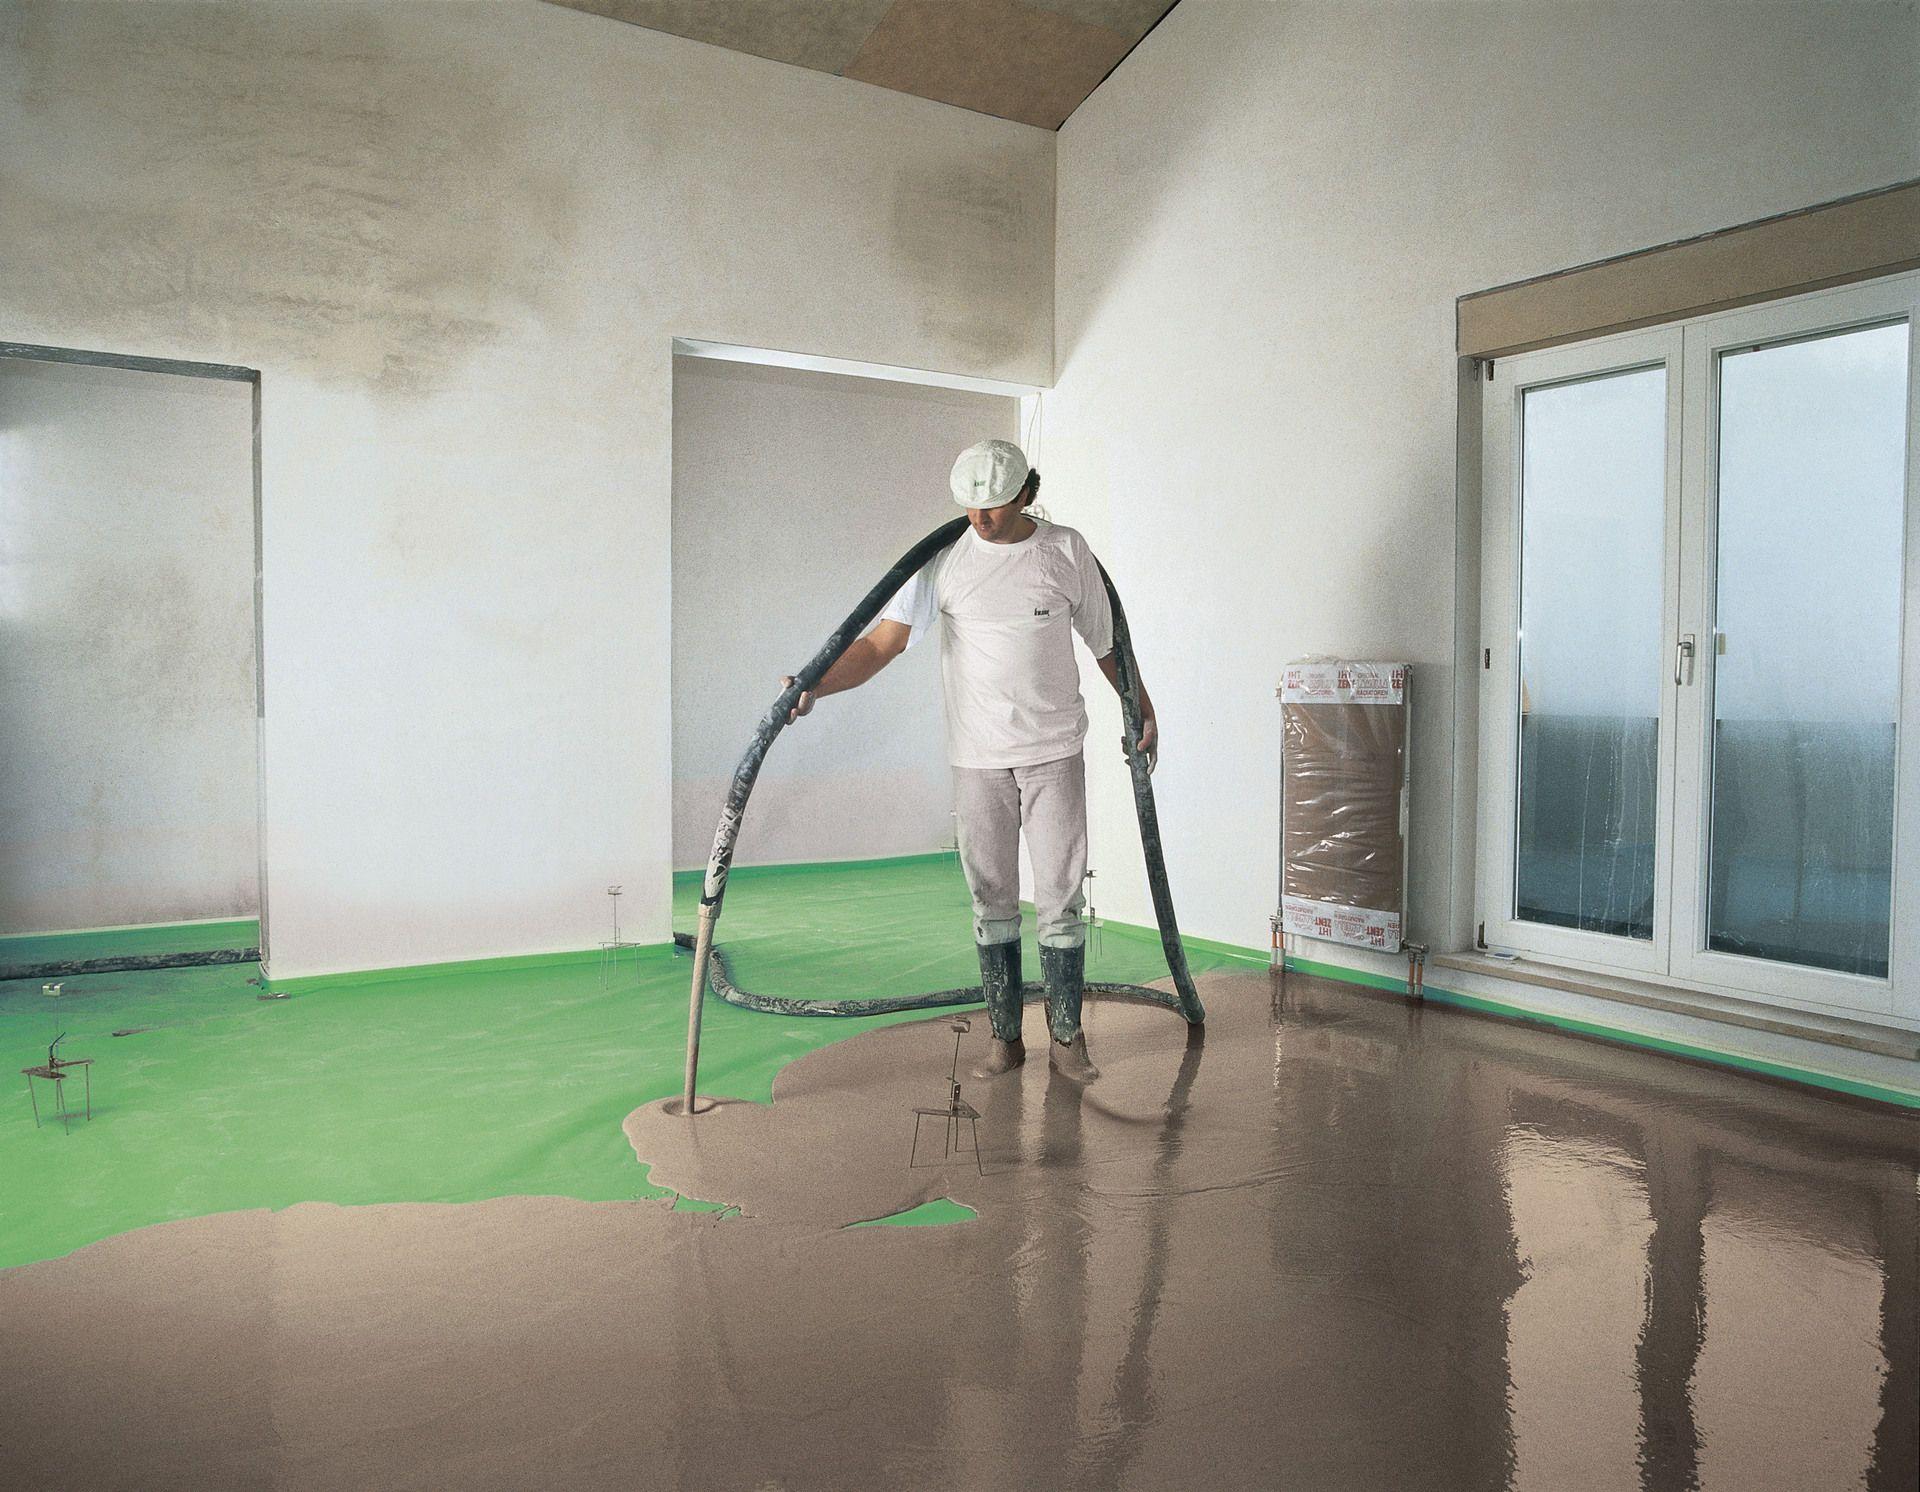 Hervorragend Estrich-Dämmung für Ruhe und Wärme in den Wohnräumen - bauemotion.de OB81